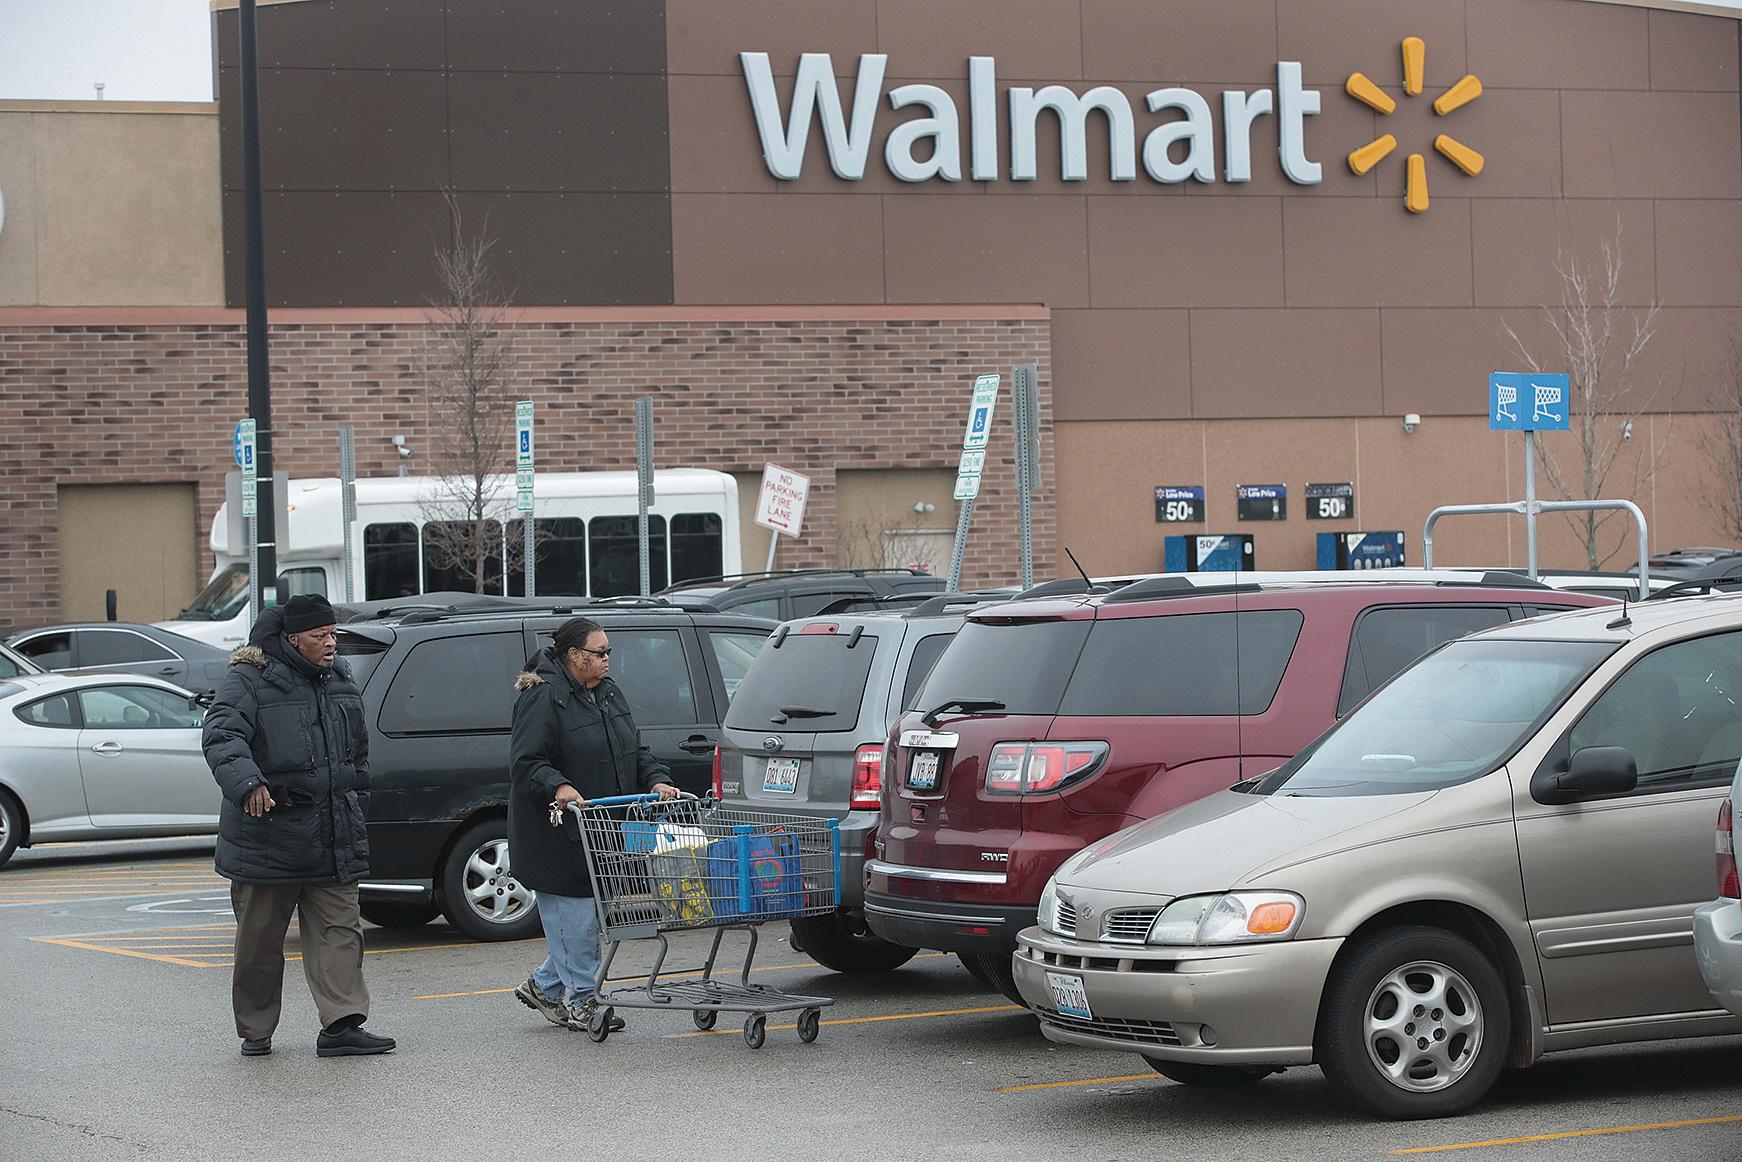 世界最大的零售商沃爾瑪(Walmart)17日宣佈,計劃今年在美國增加1萬個就業機會。(Getty Images)